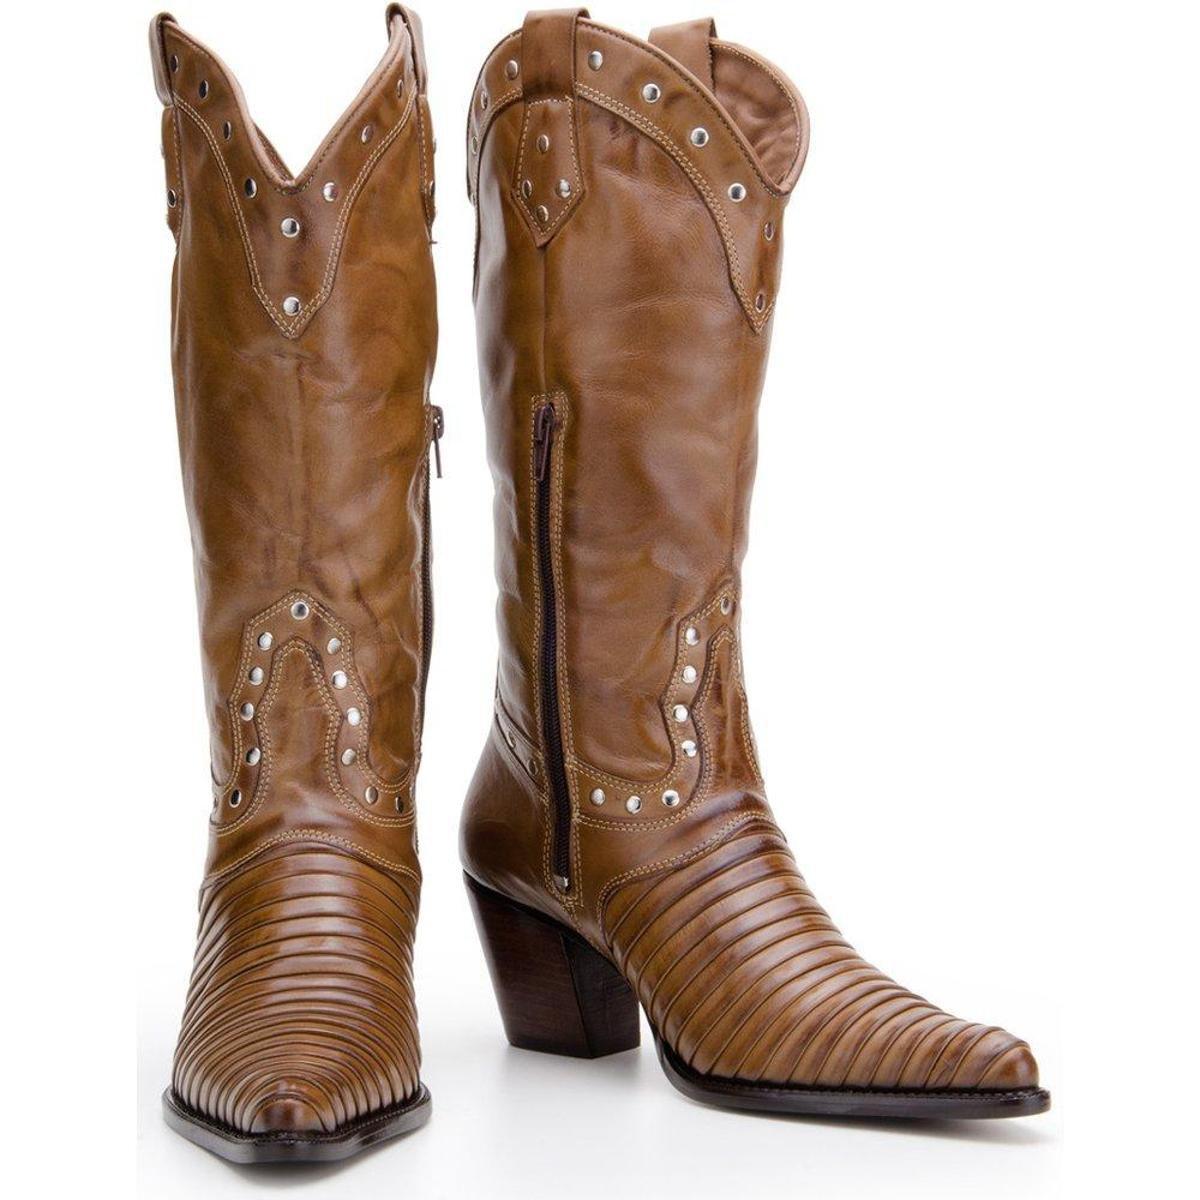 Bota Texana Country Capelli Boots em Couro com Aplicações Metálicas Feminina - Marrom Claro